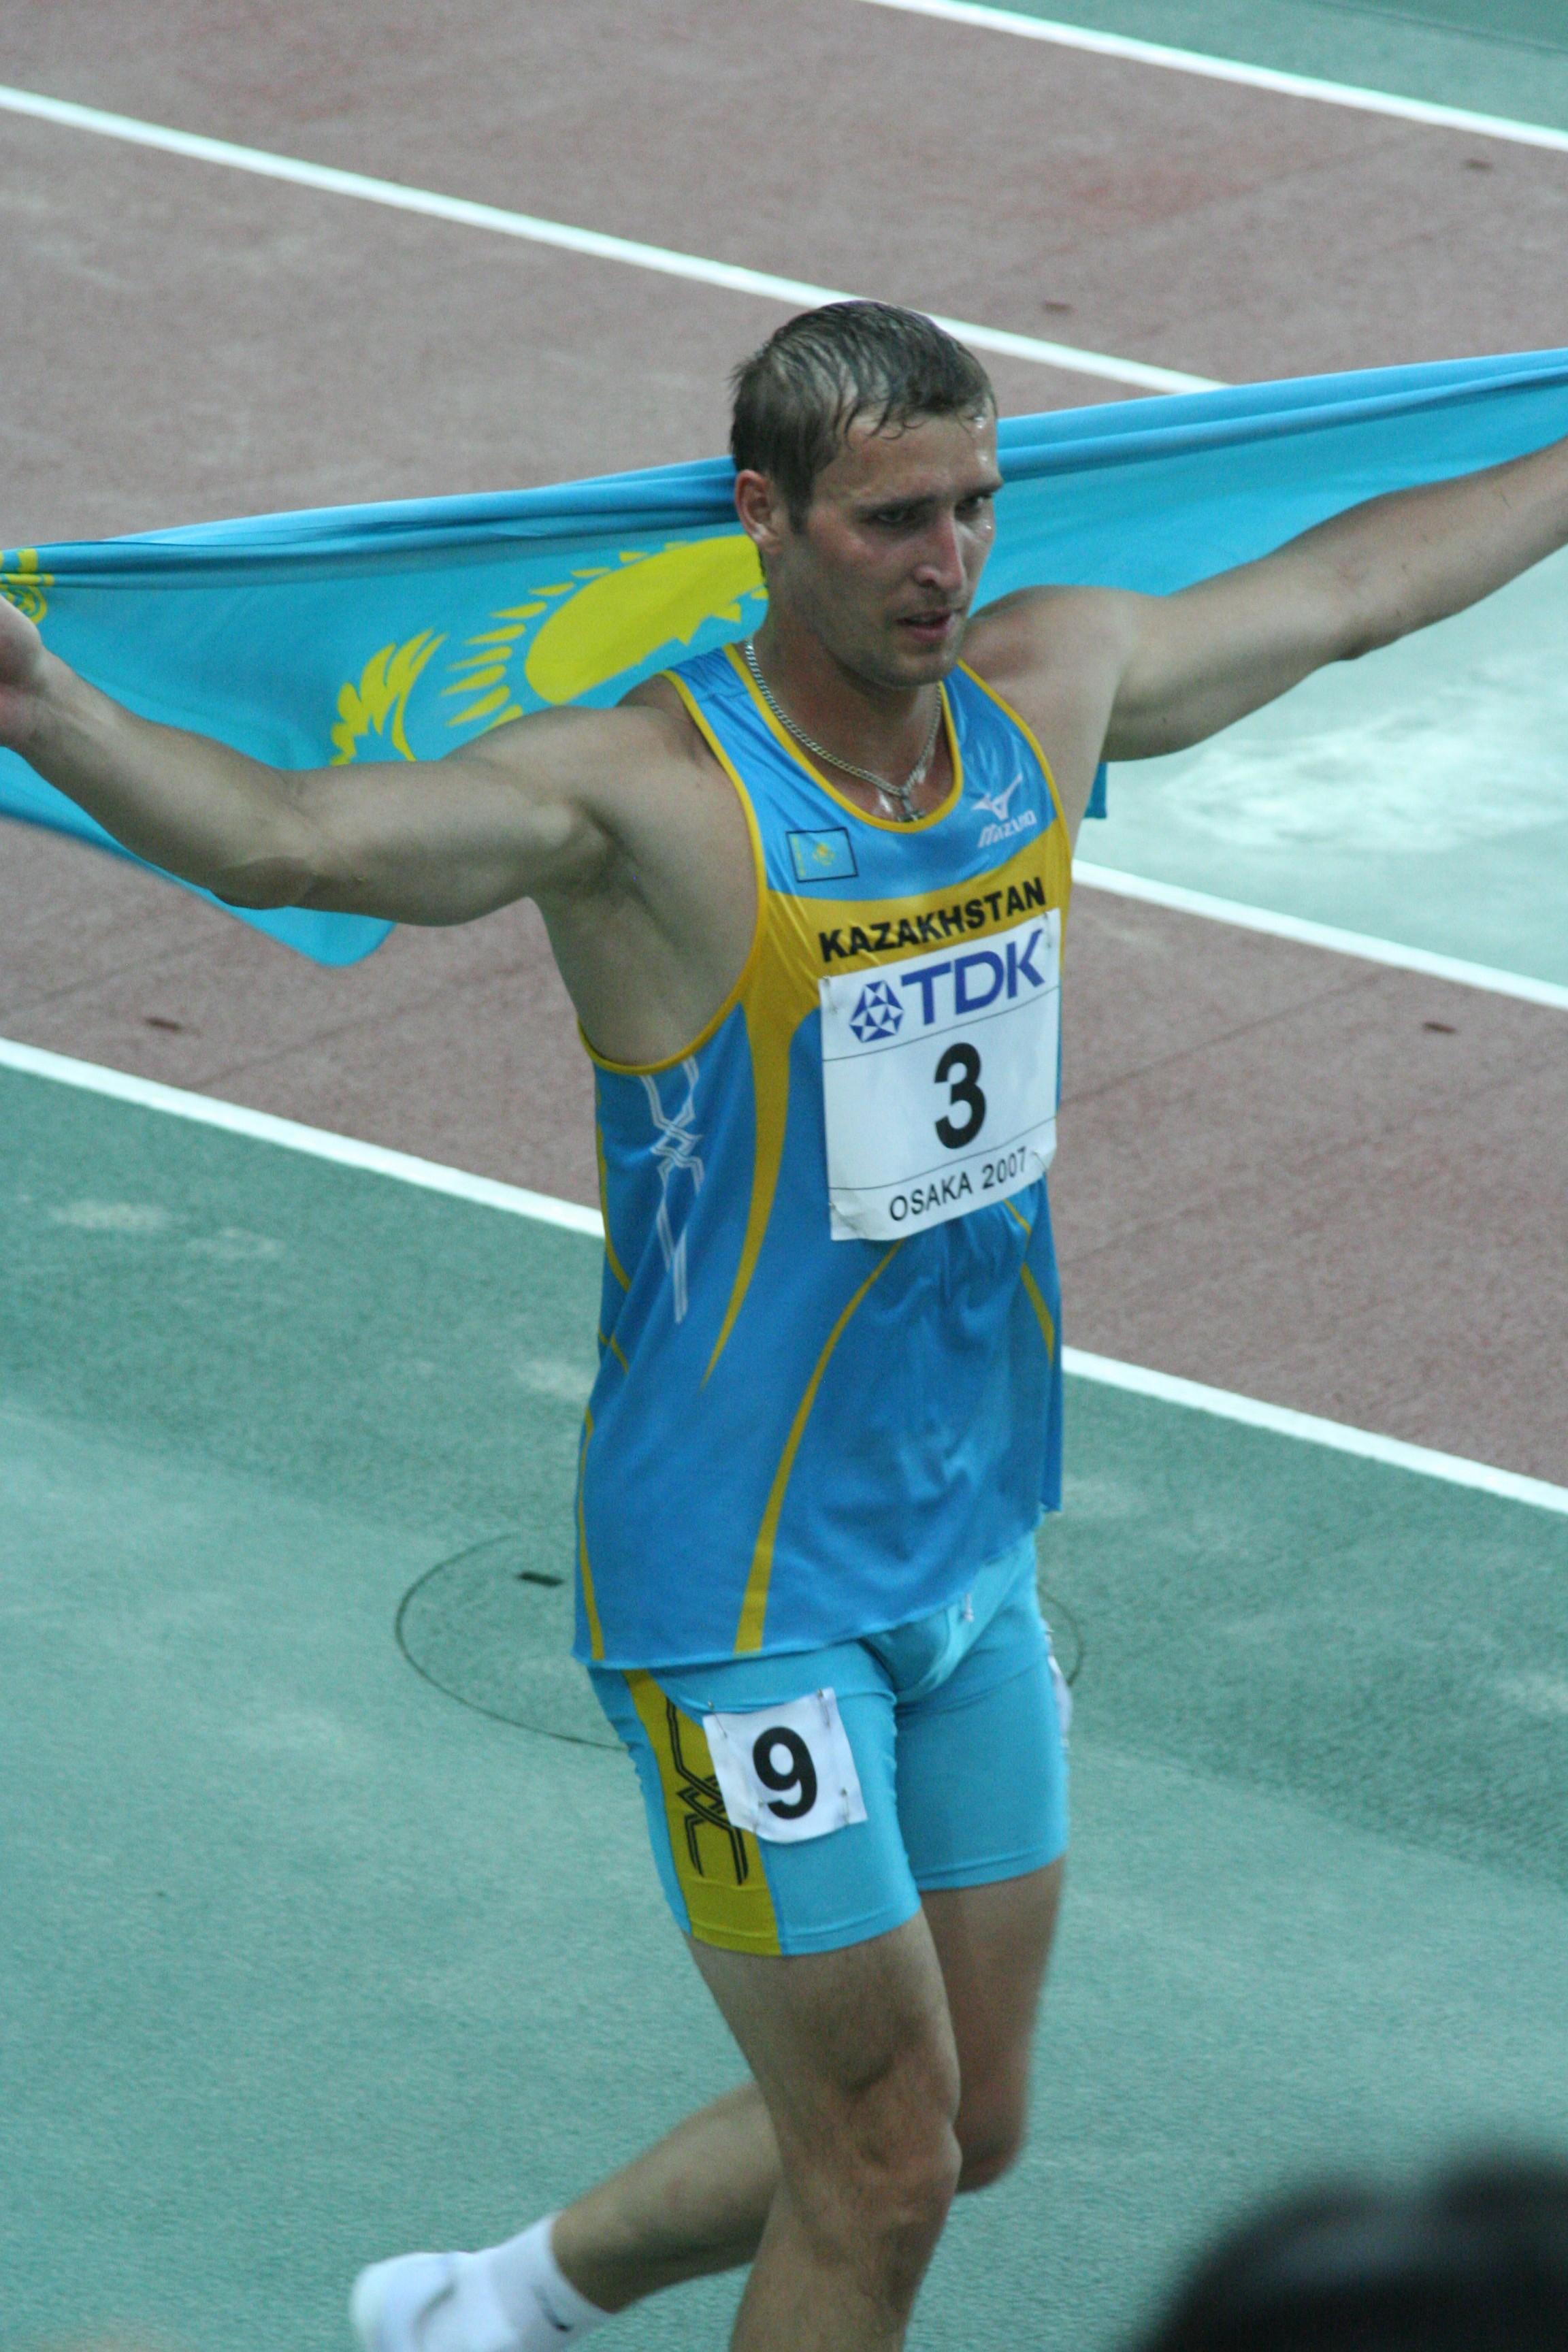 Dmitriy Karpov, Kazak atlet tarihte bugün